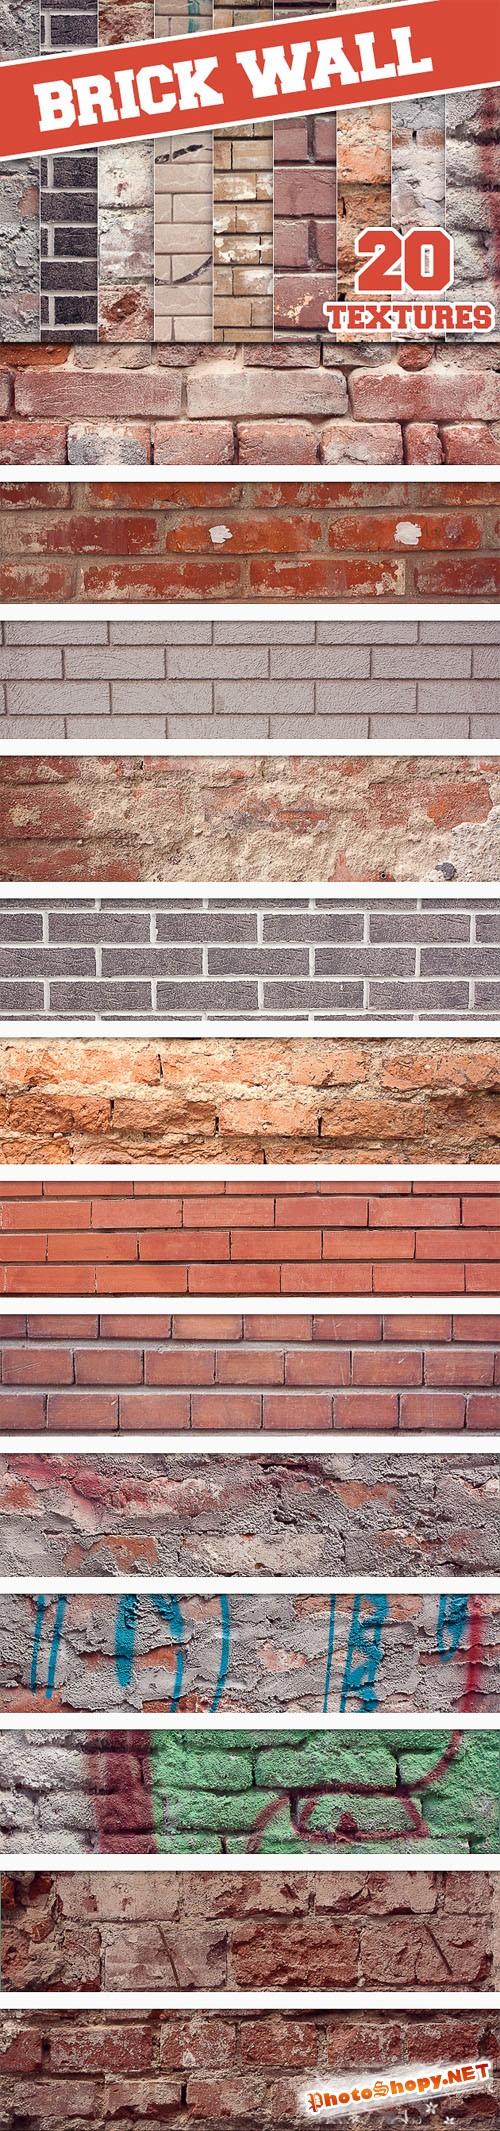 Designtnt - Brick Wall Textures